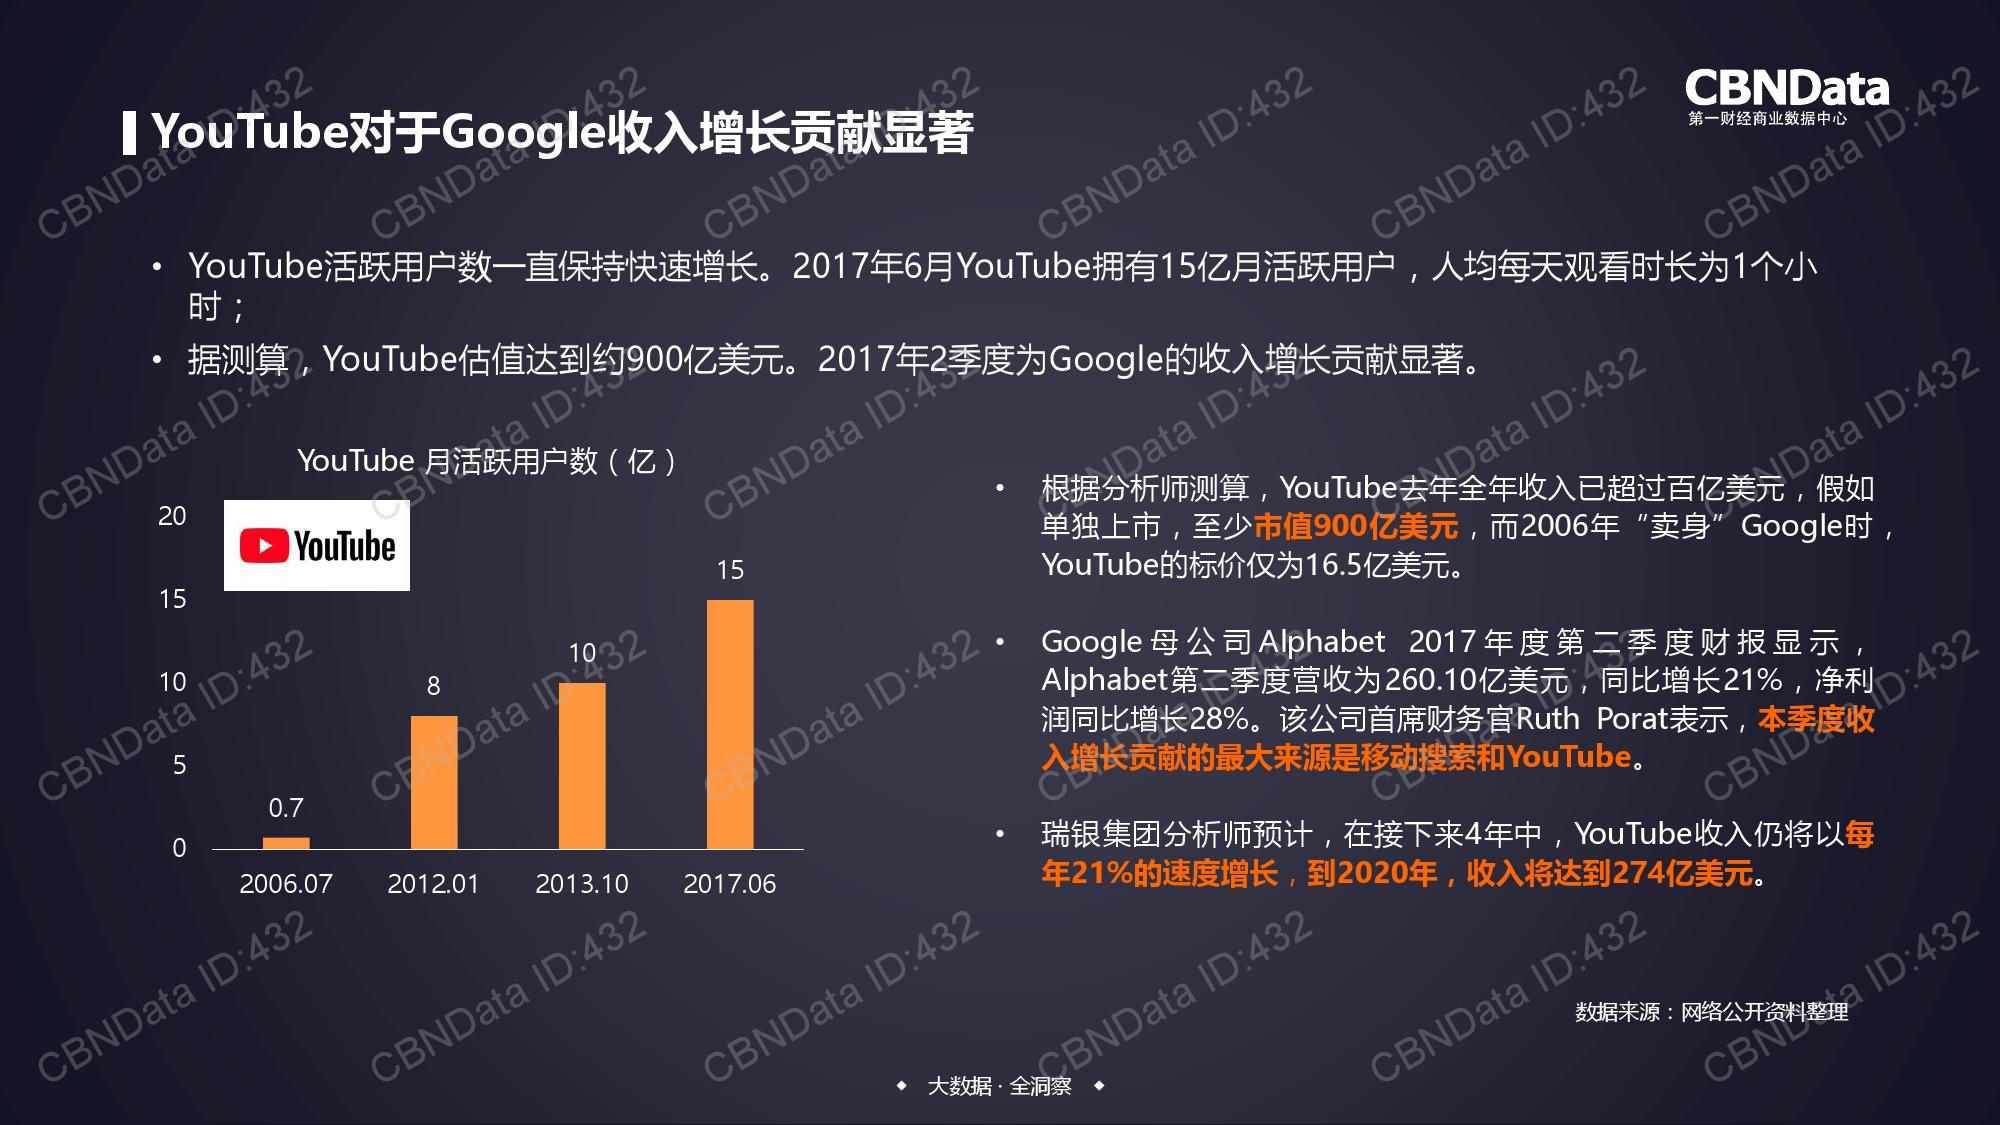 2017短视频行业大数据洞察-09大数据